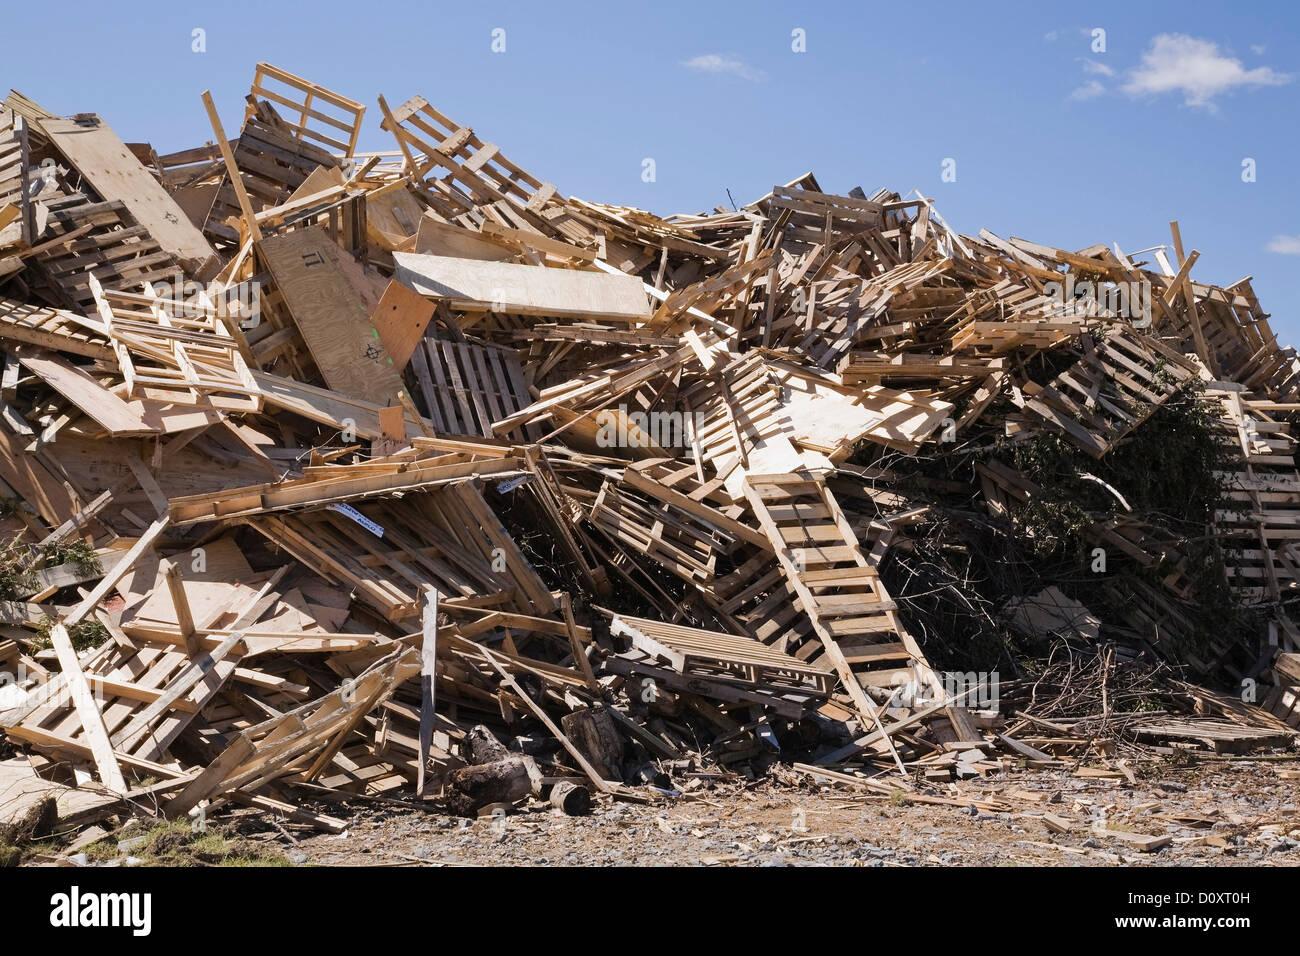 Montón de madera desechada en el sitio de gestión de residuos Imagen De Stock